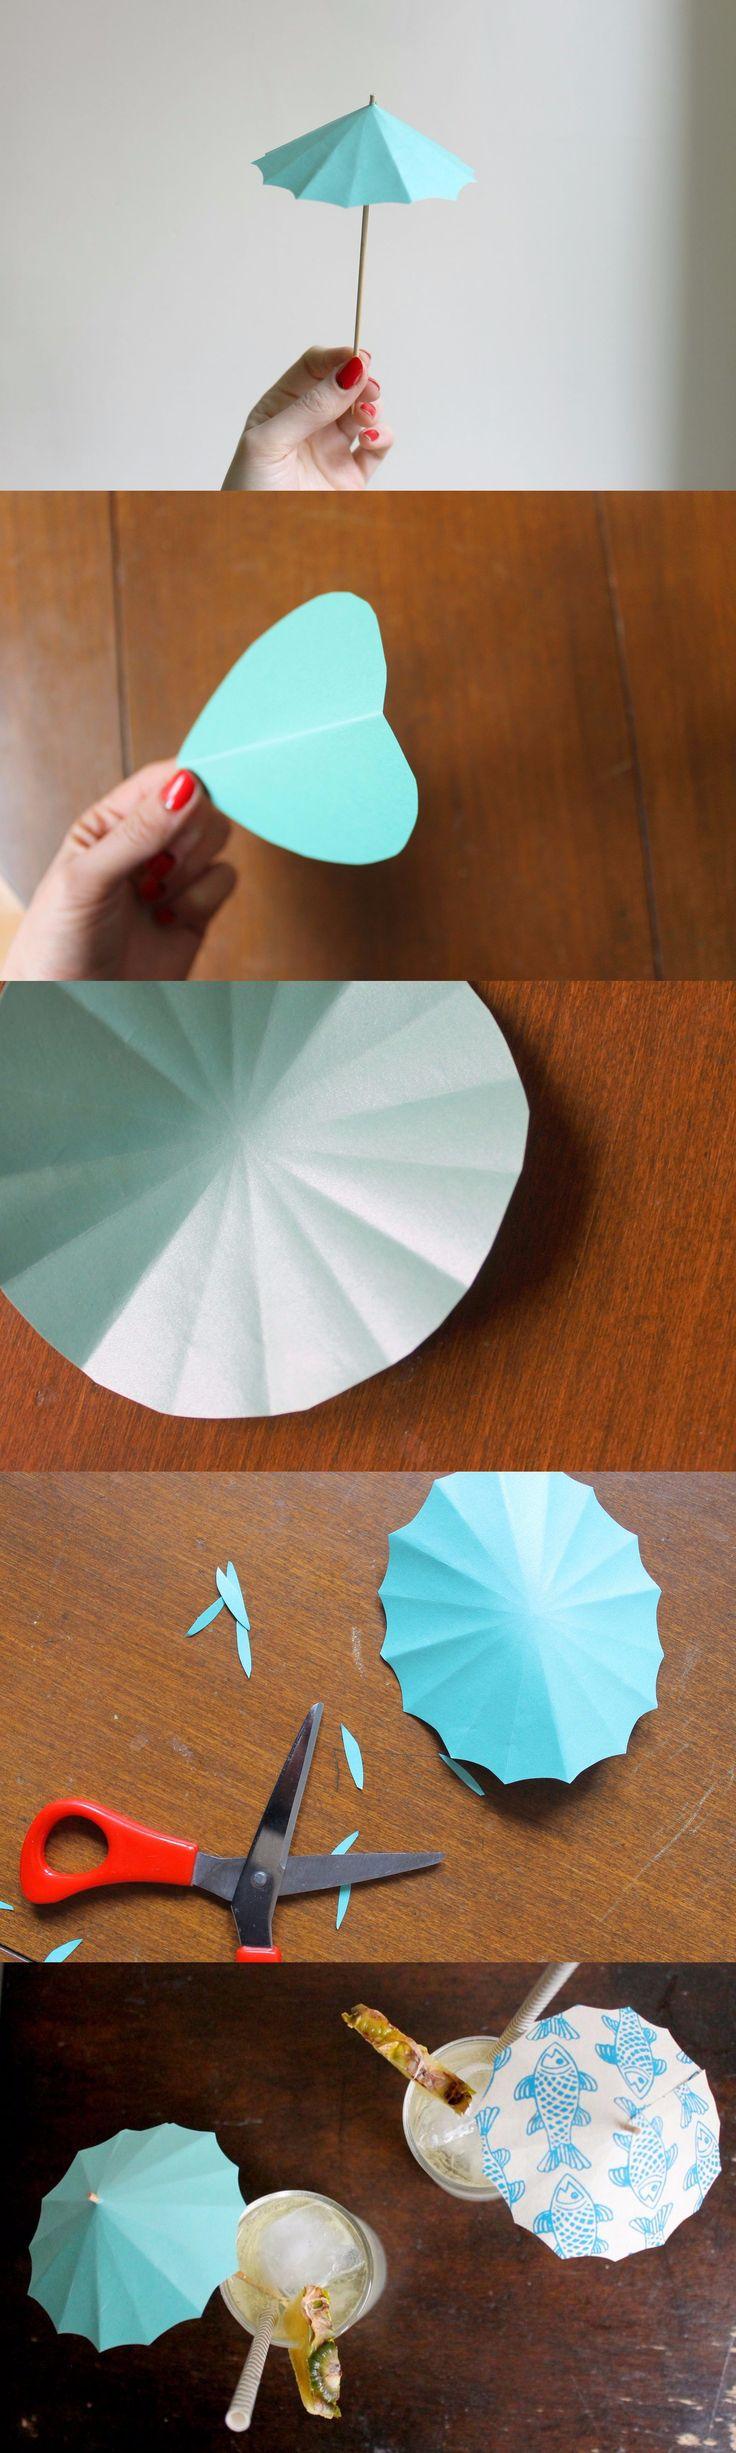 Tragos con sombrillas de papel. Hazlo tú misma / https://food52.com